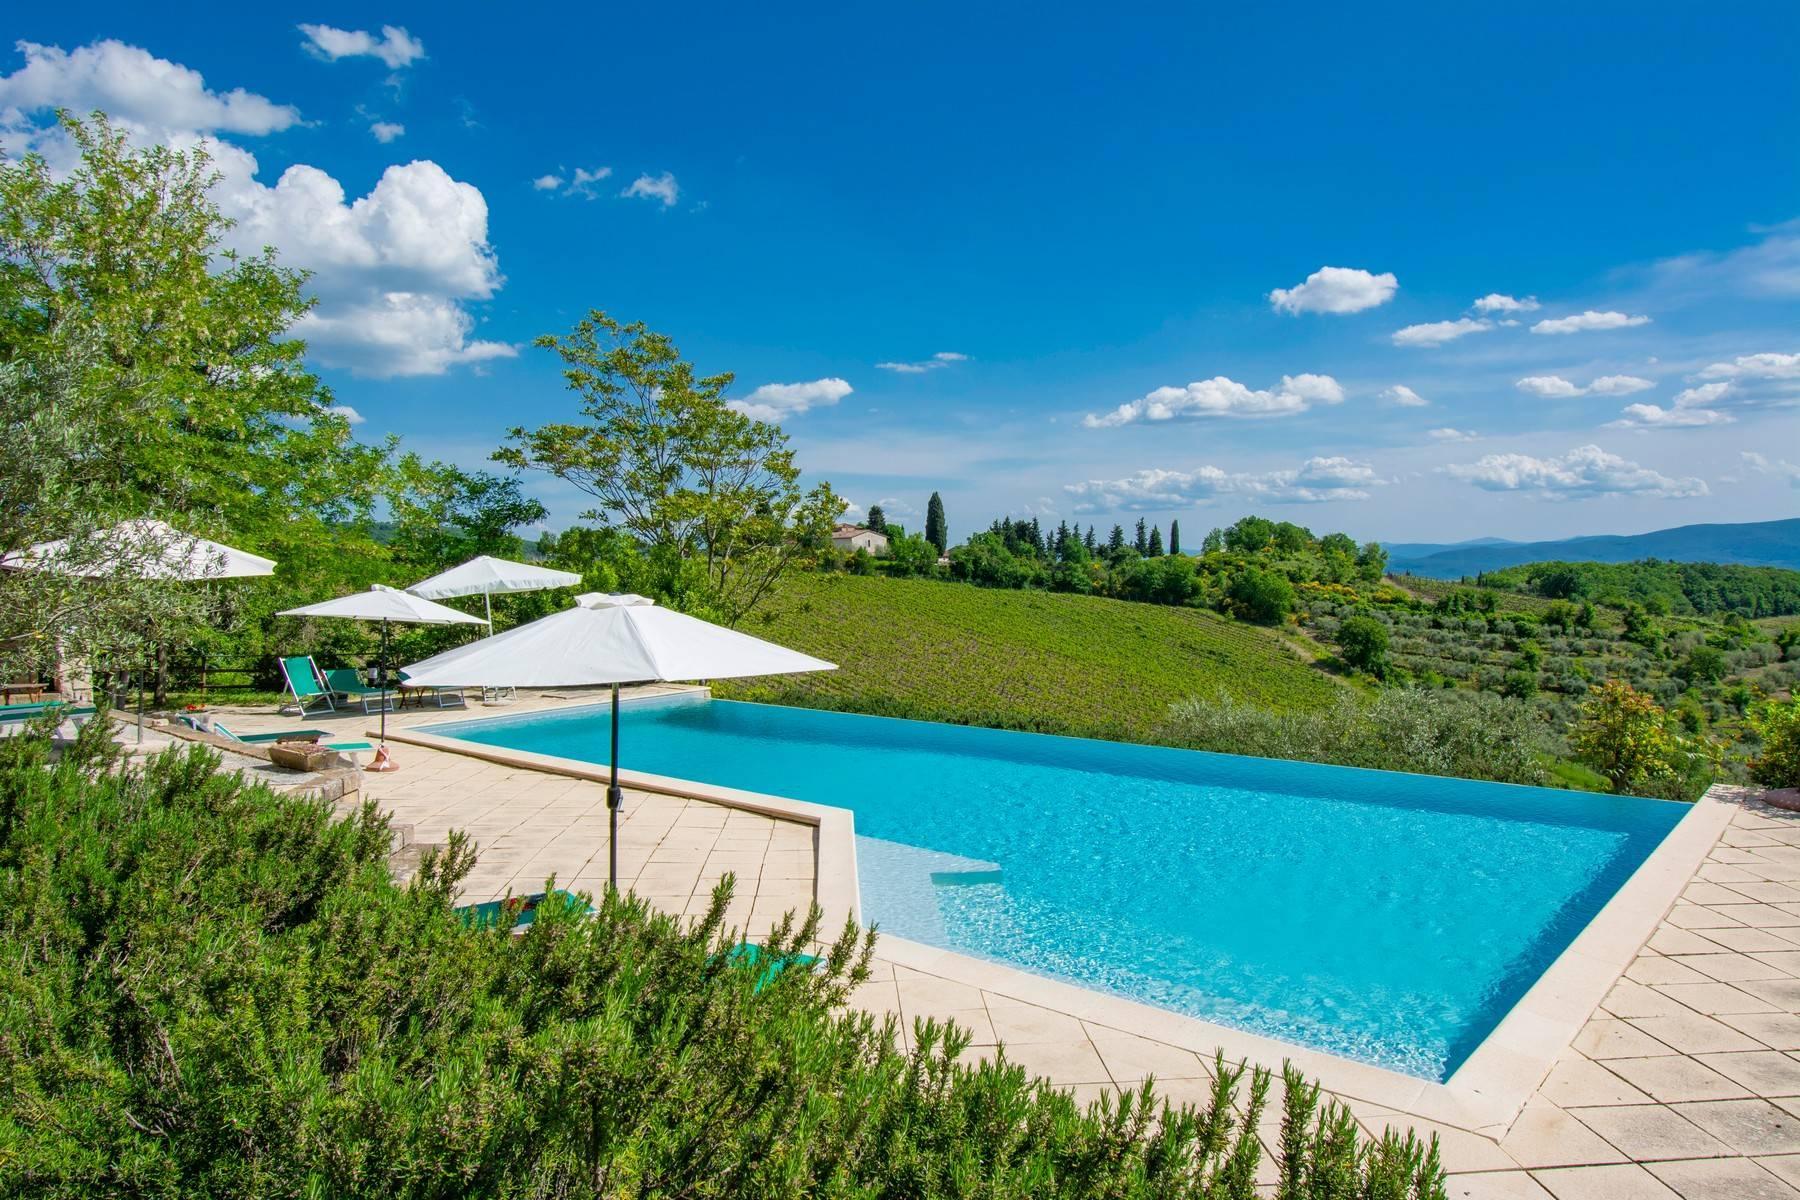 Esclusive wine estate in the heart of Chianti classico - 5